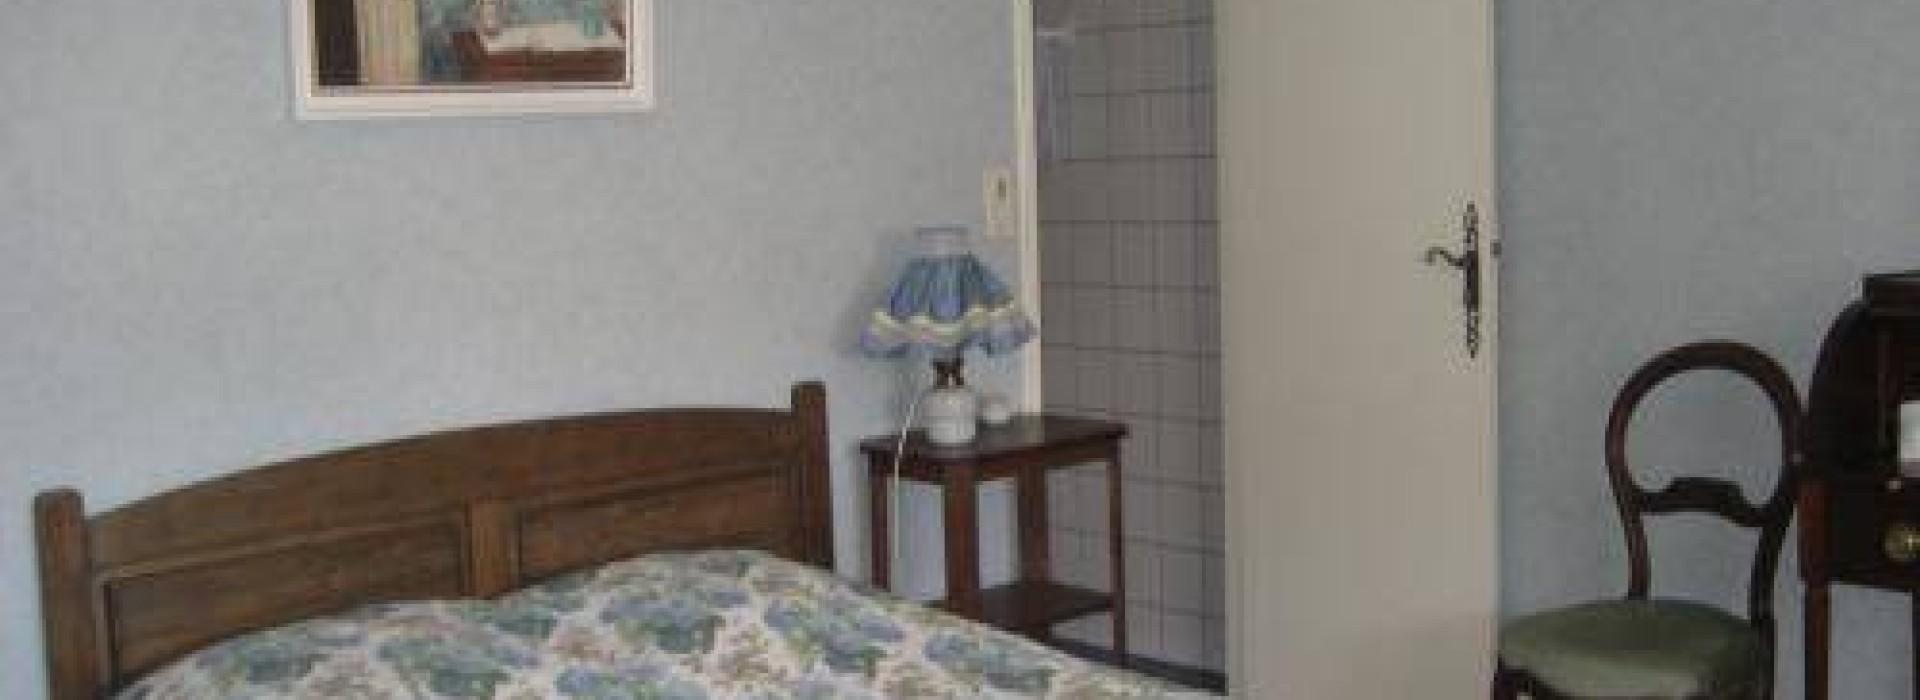 chambres chez l 39 habitant mr et mme gaboriau chambres d 39 h tes en pays de la loire. Black Bedroom Furniture Sets. Home Design Ideas